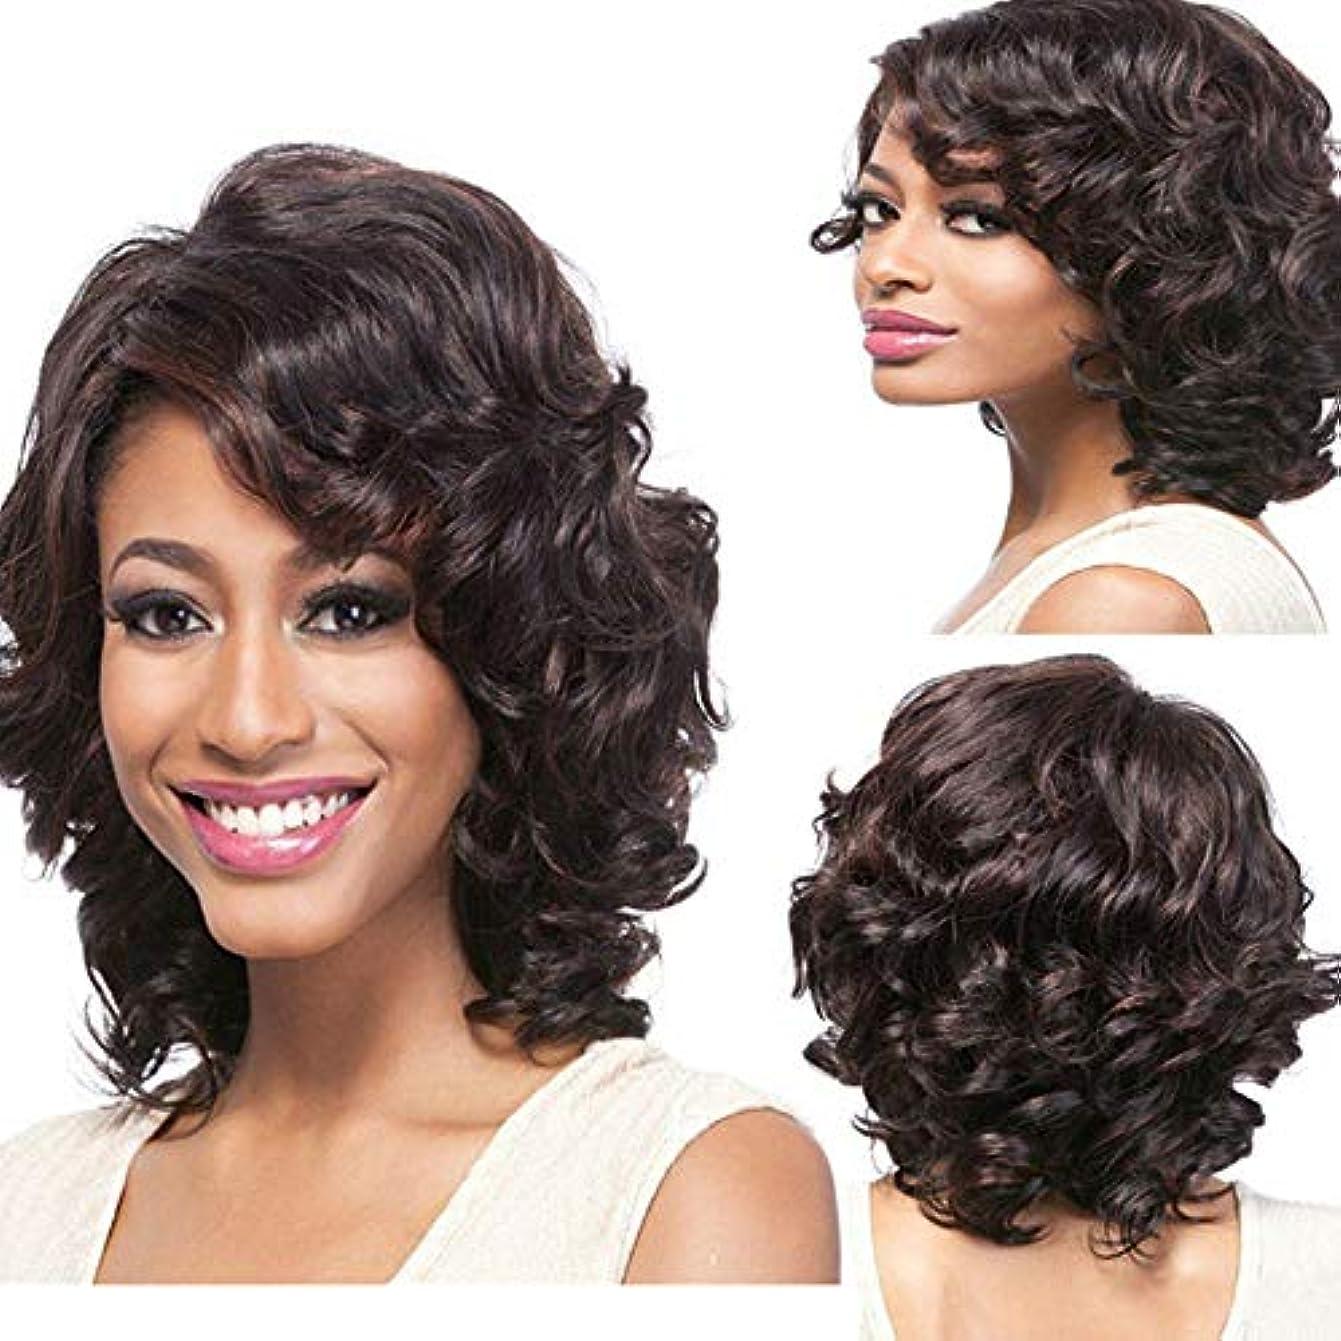 空港部族農業YOUQIU 女子サイドショートカーリーヘアウィッグ斜め前髪は染色高温シルク化学繊維ヘアウィッグウィッグを選びます (色 : Photo Color, サイズ : 30~32cm)